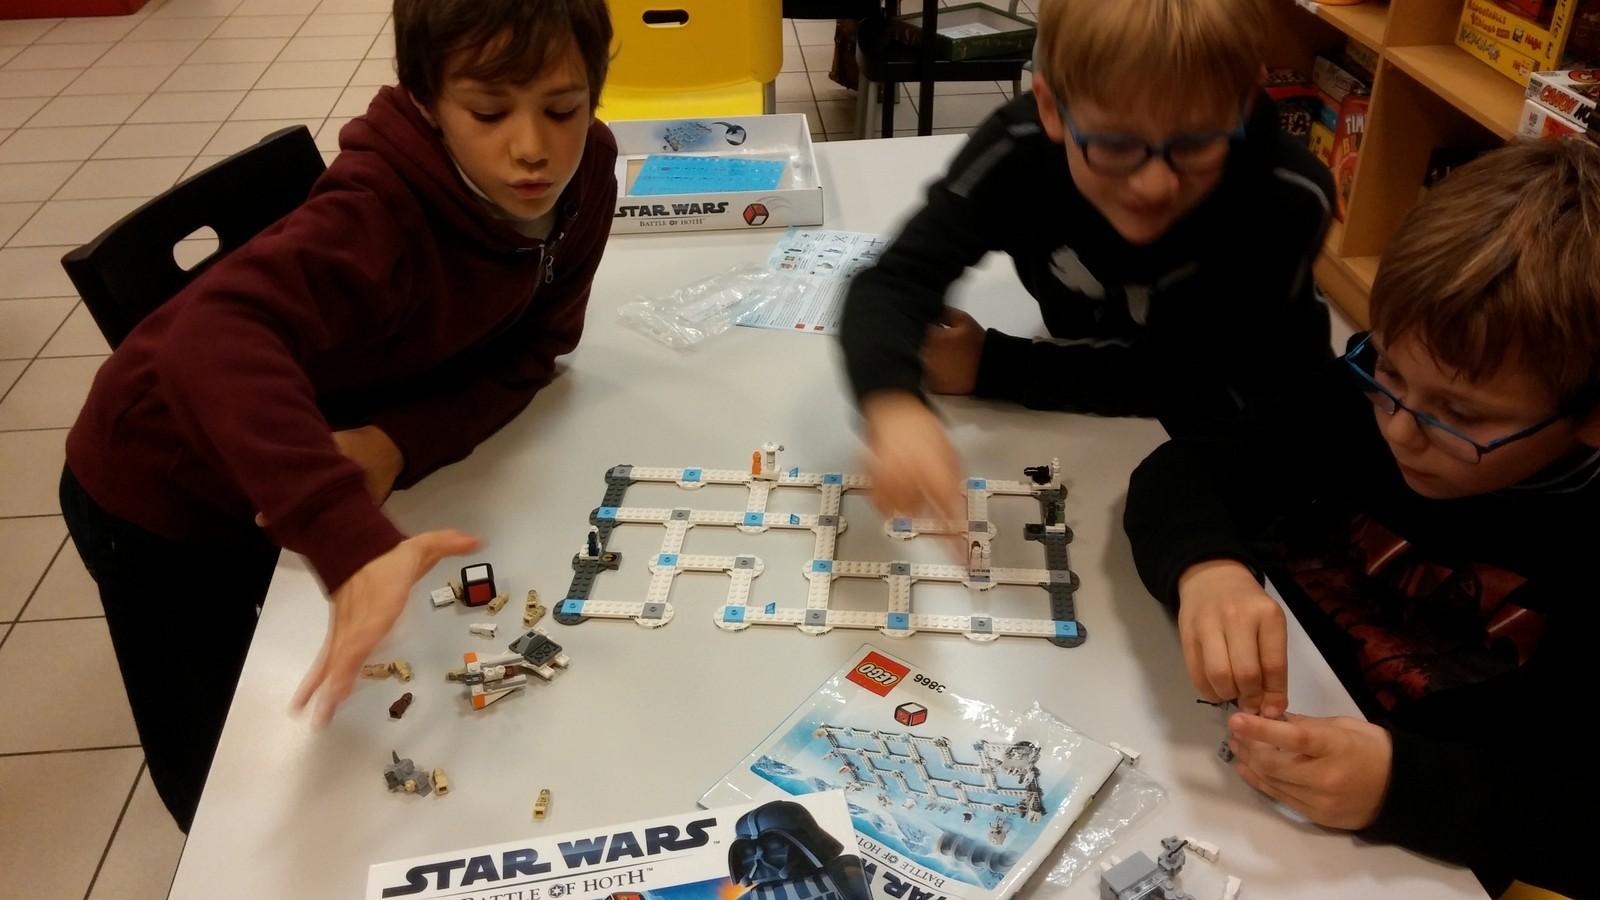 Star Wars Lego : la bataille de Hoth